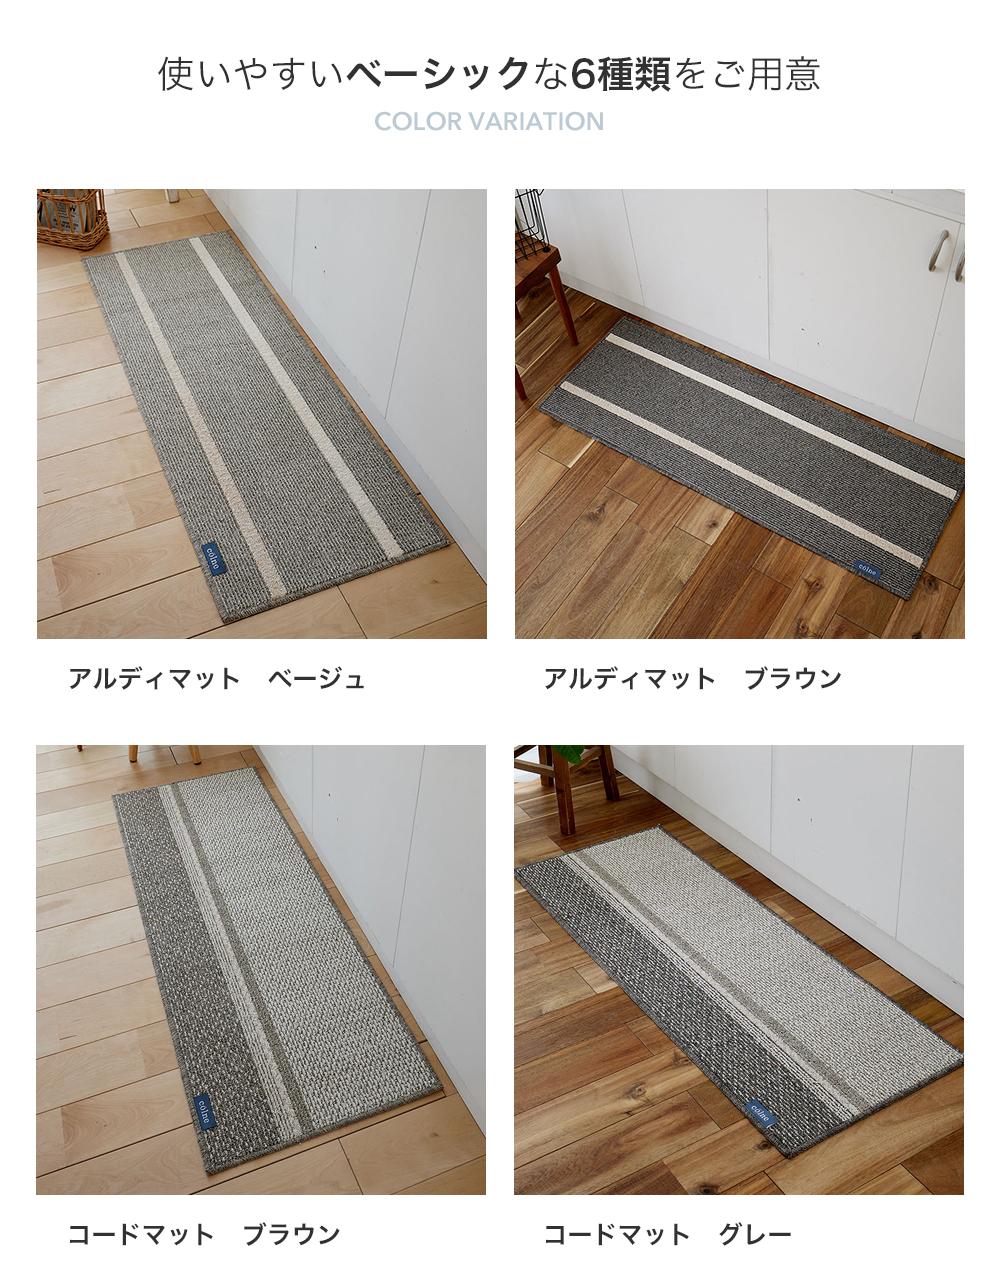 キッチンマット colne 45x120cm